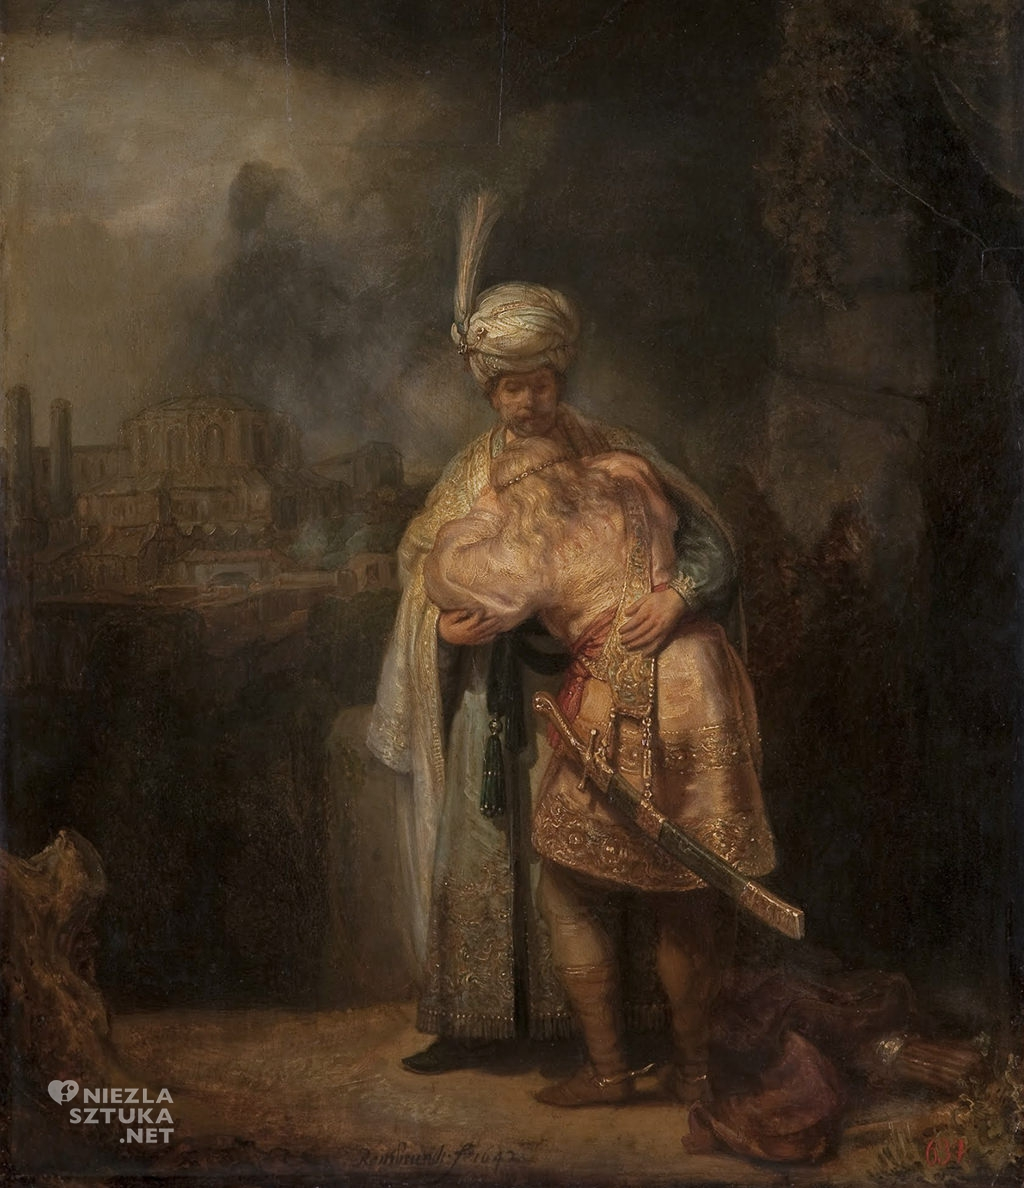 Rembrandt, Biblia, Pożegnanie Dawida z Jonatanem, Ermitaż, Niezła sztuka